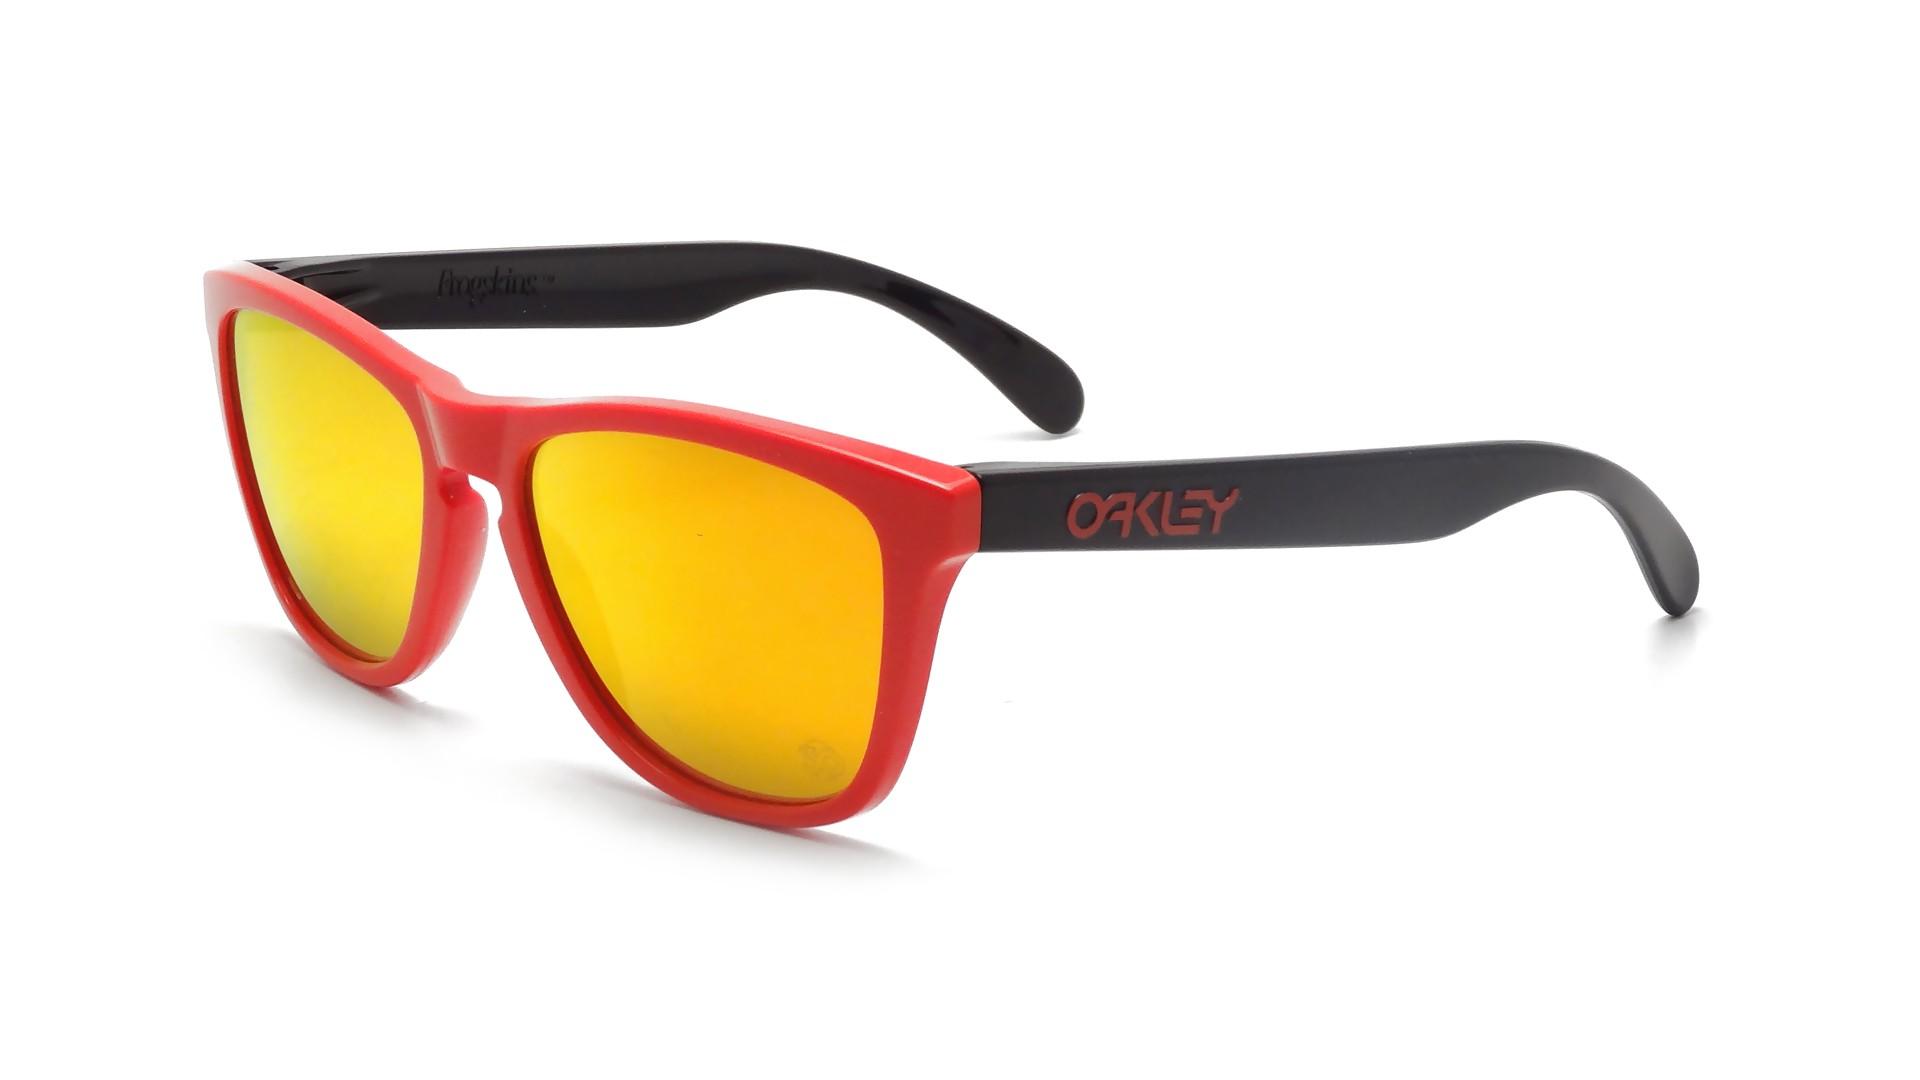 Oakley Frogskin OO9013 34 Yg03A2r961